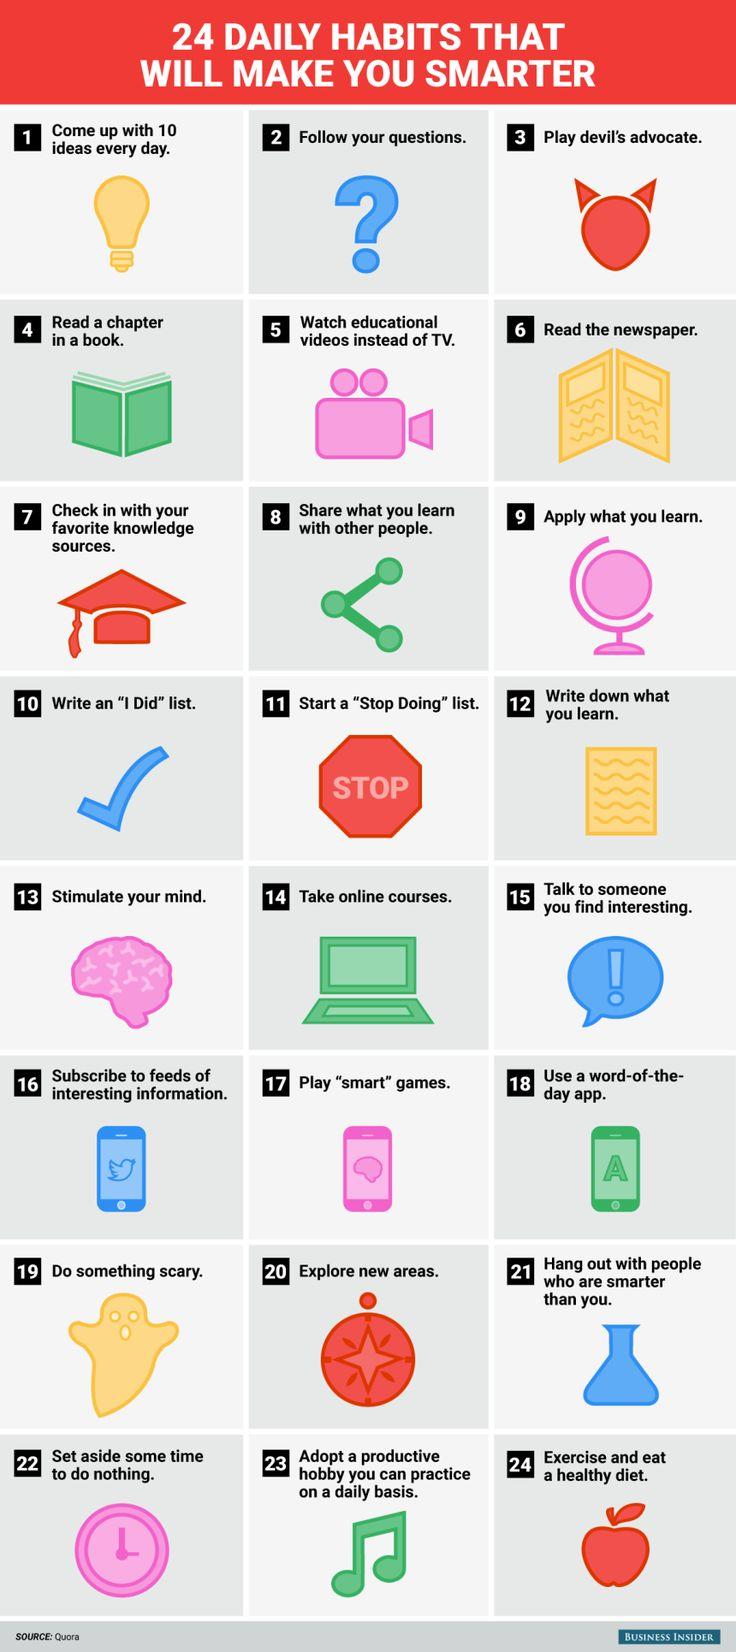 24 hábitos diarios que te harán más inteligente